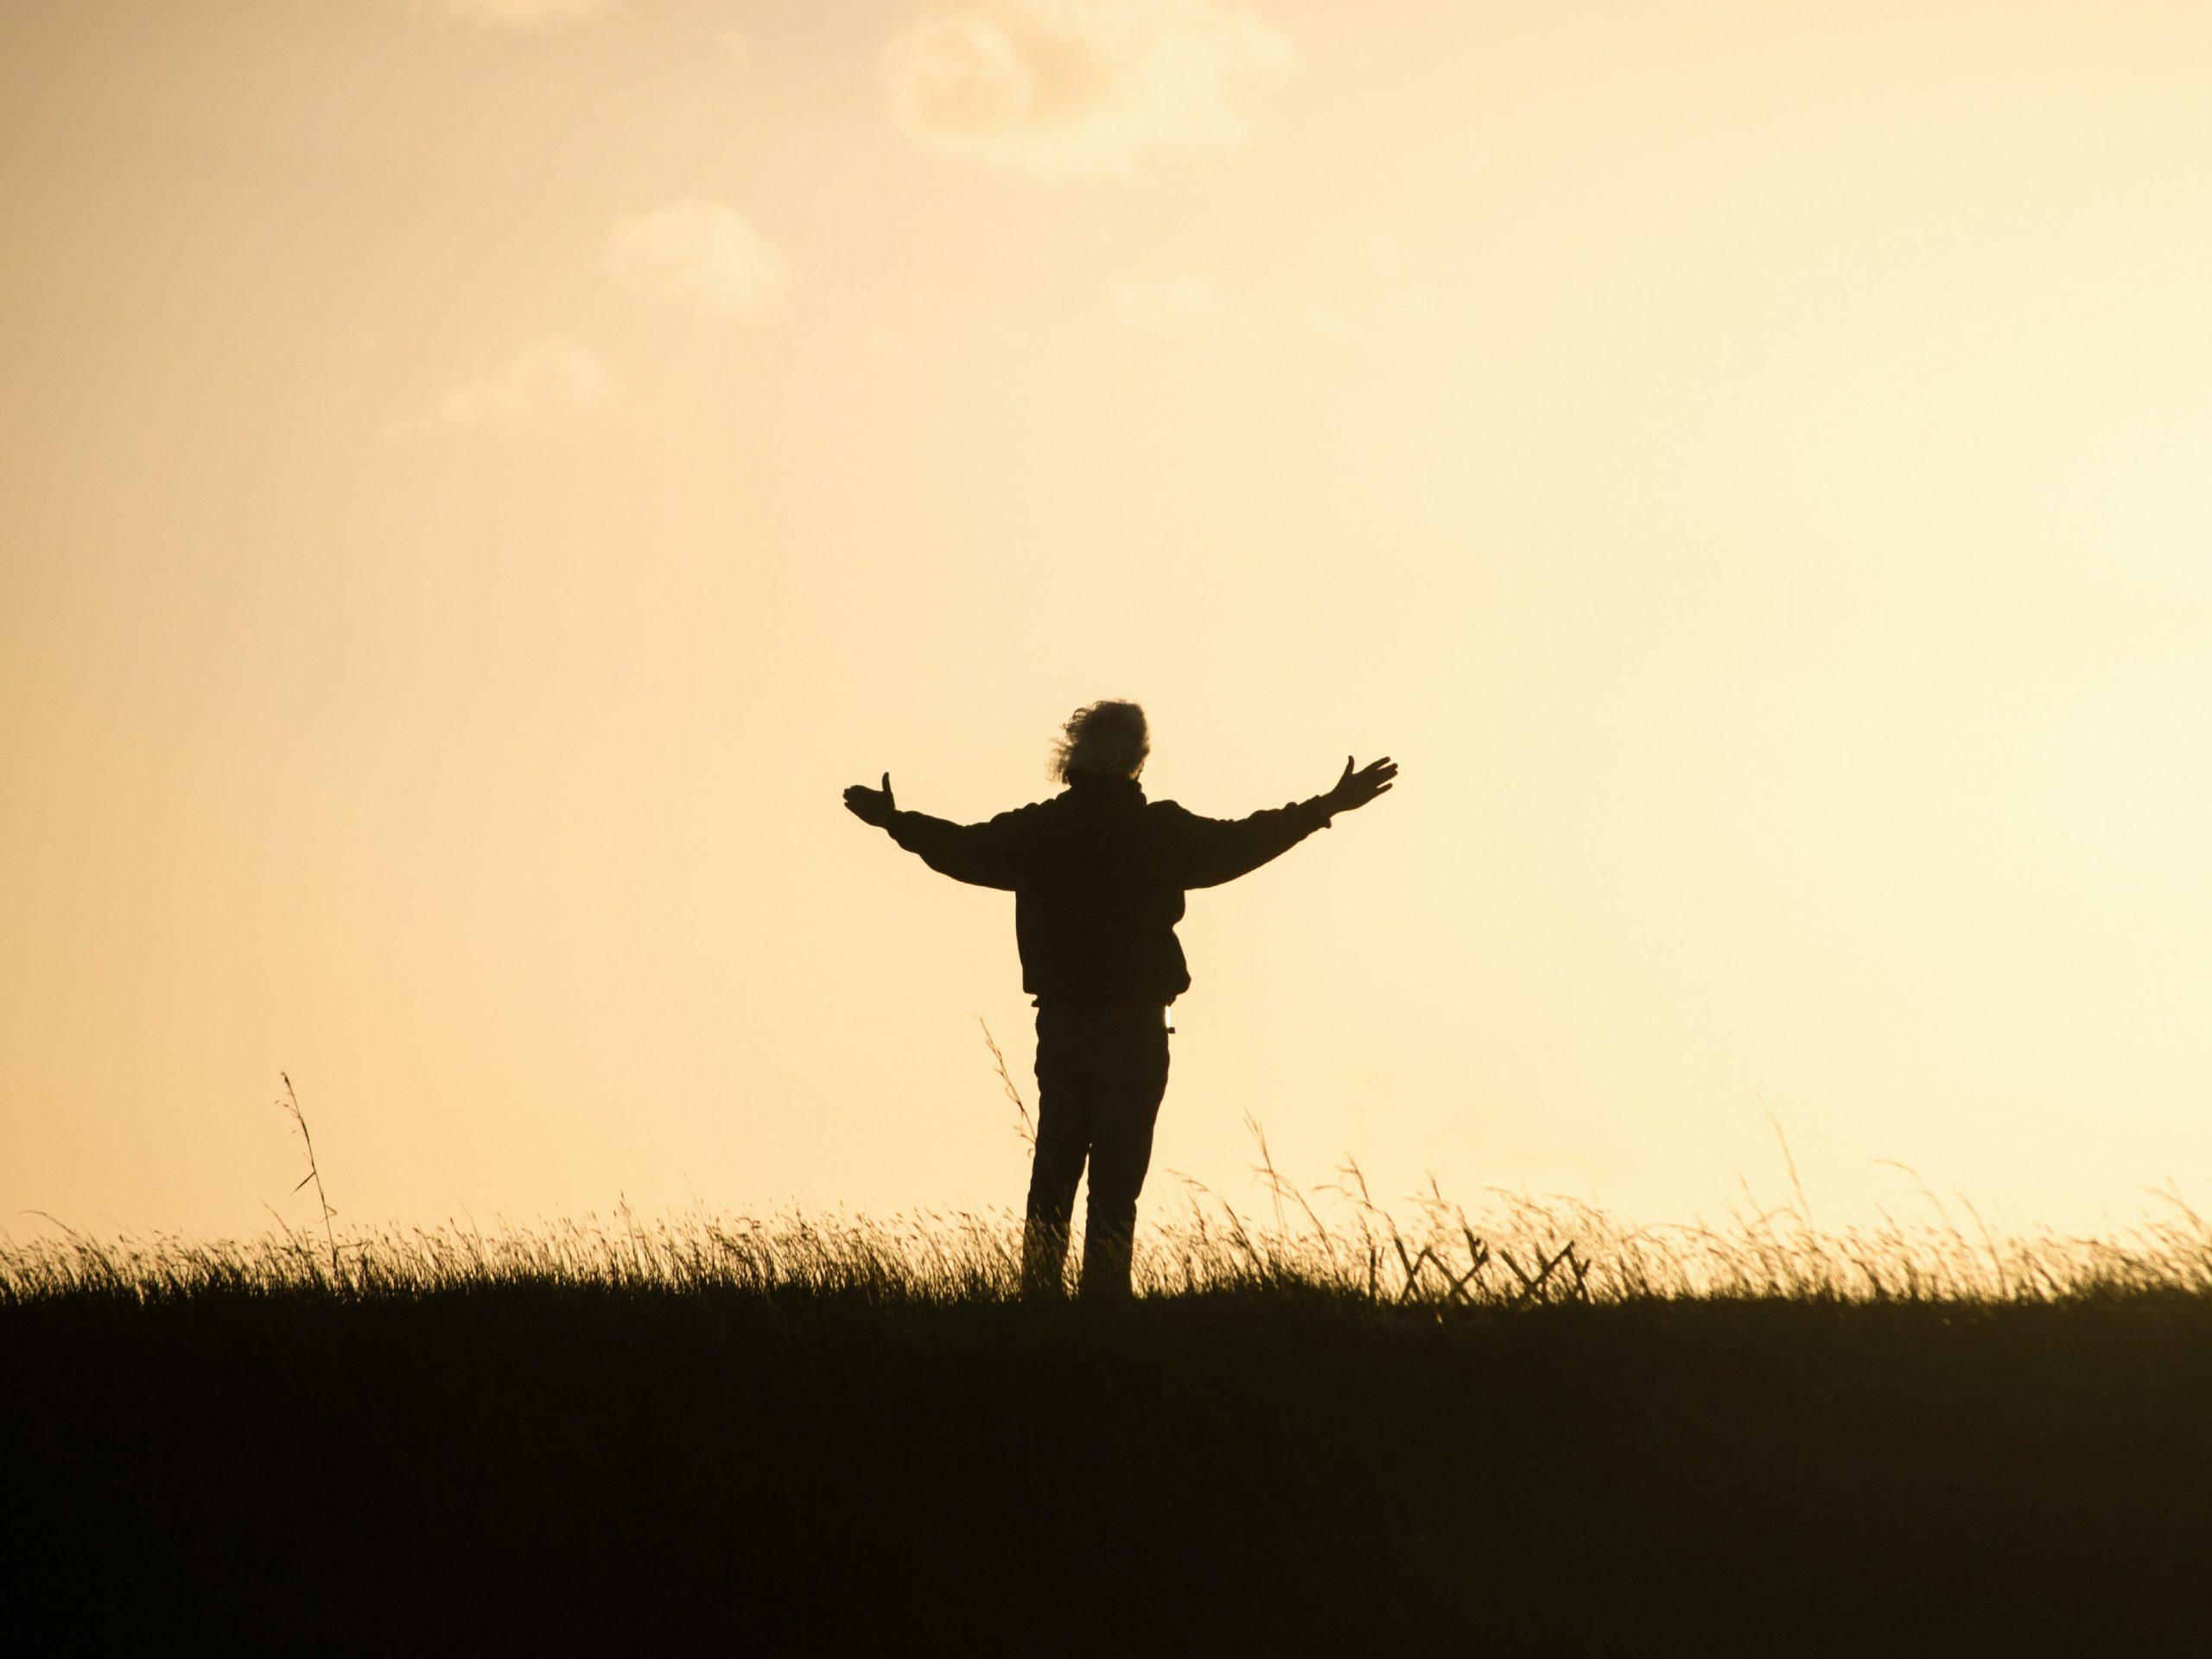 Deponi la zavorra della mancanza di gratitudine